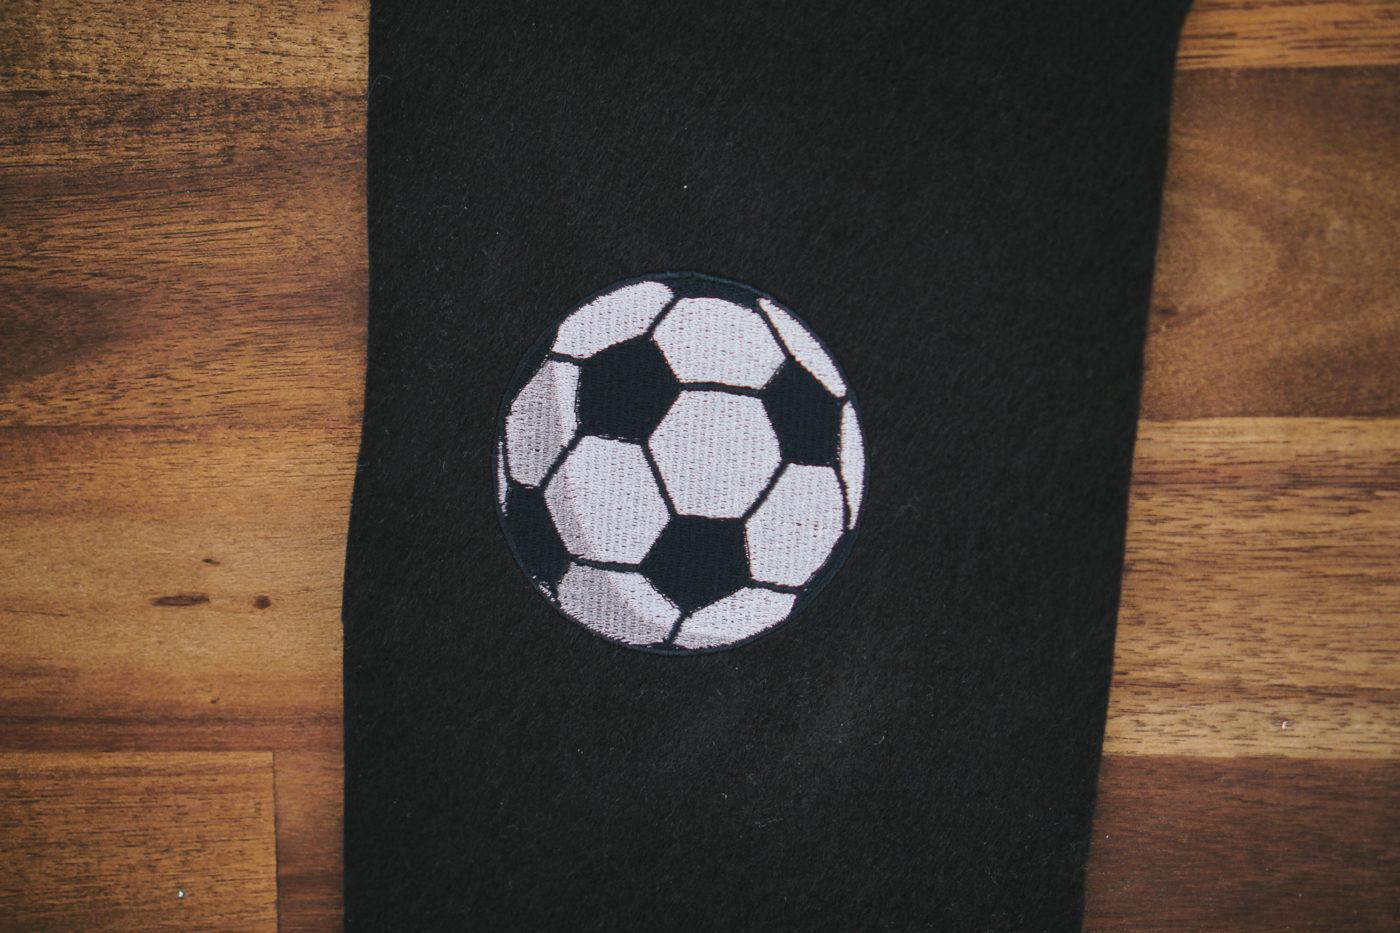 Stickdatei Fußball stickdatei fußball Fußball ⚽️ stickdatei fussball weltmeisterschaft 01 1400x933